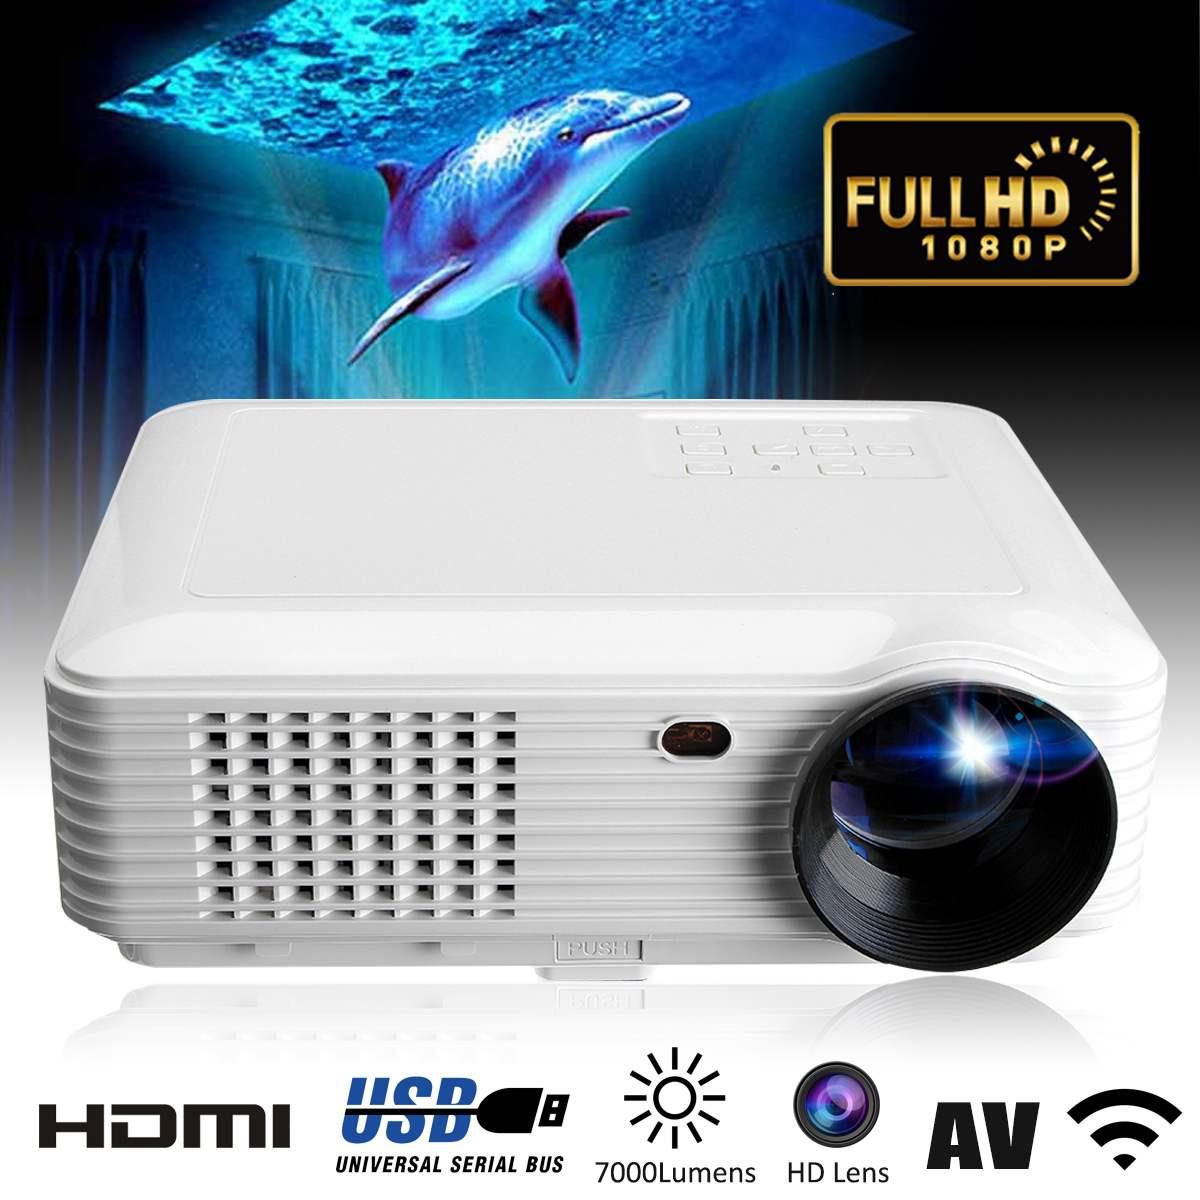 SV-226 Full HD WiFi 1080P LED Projectors Projector 8 Home Theater SD / USB / VGA / PC UK AU EU AU Plug